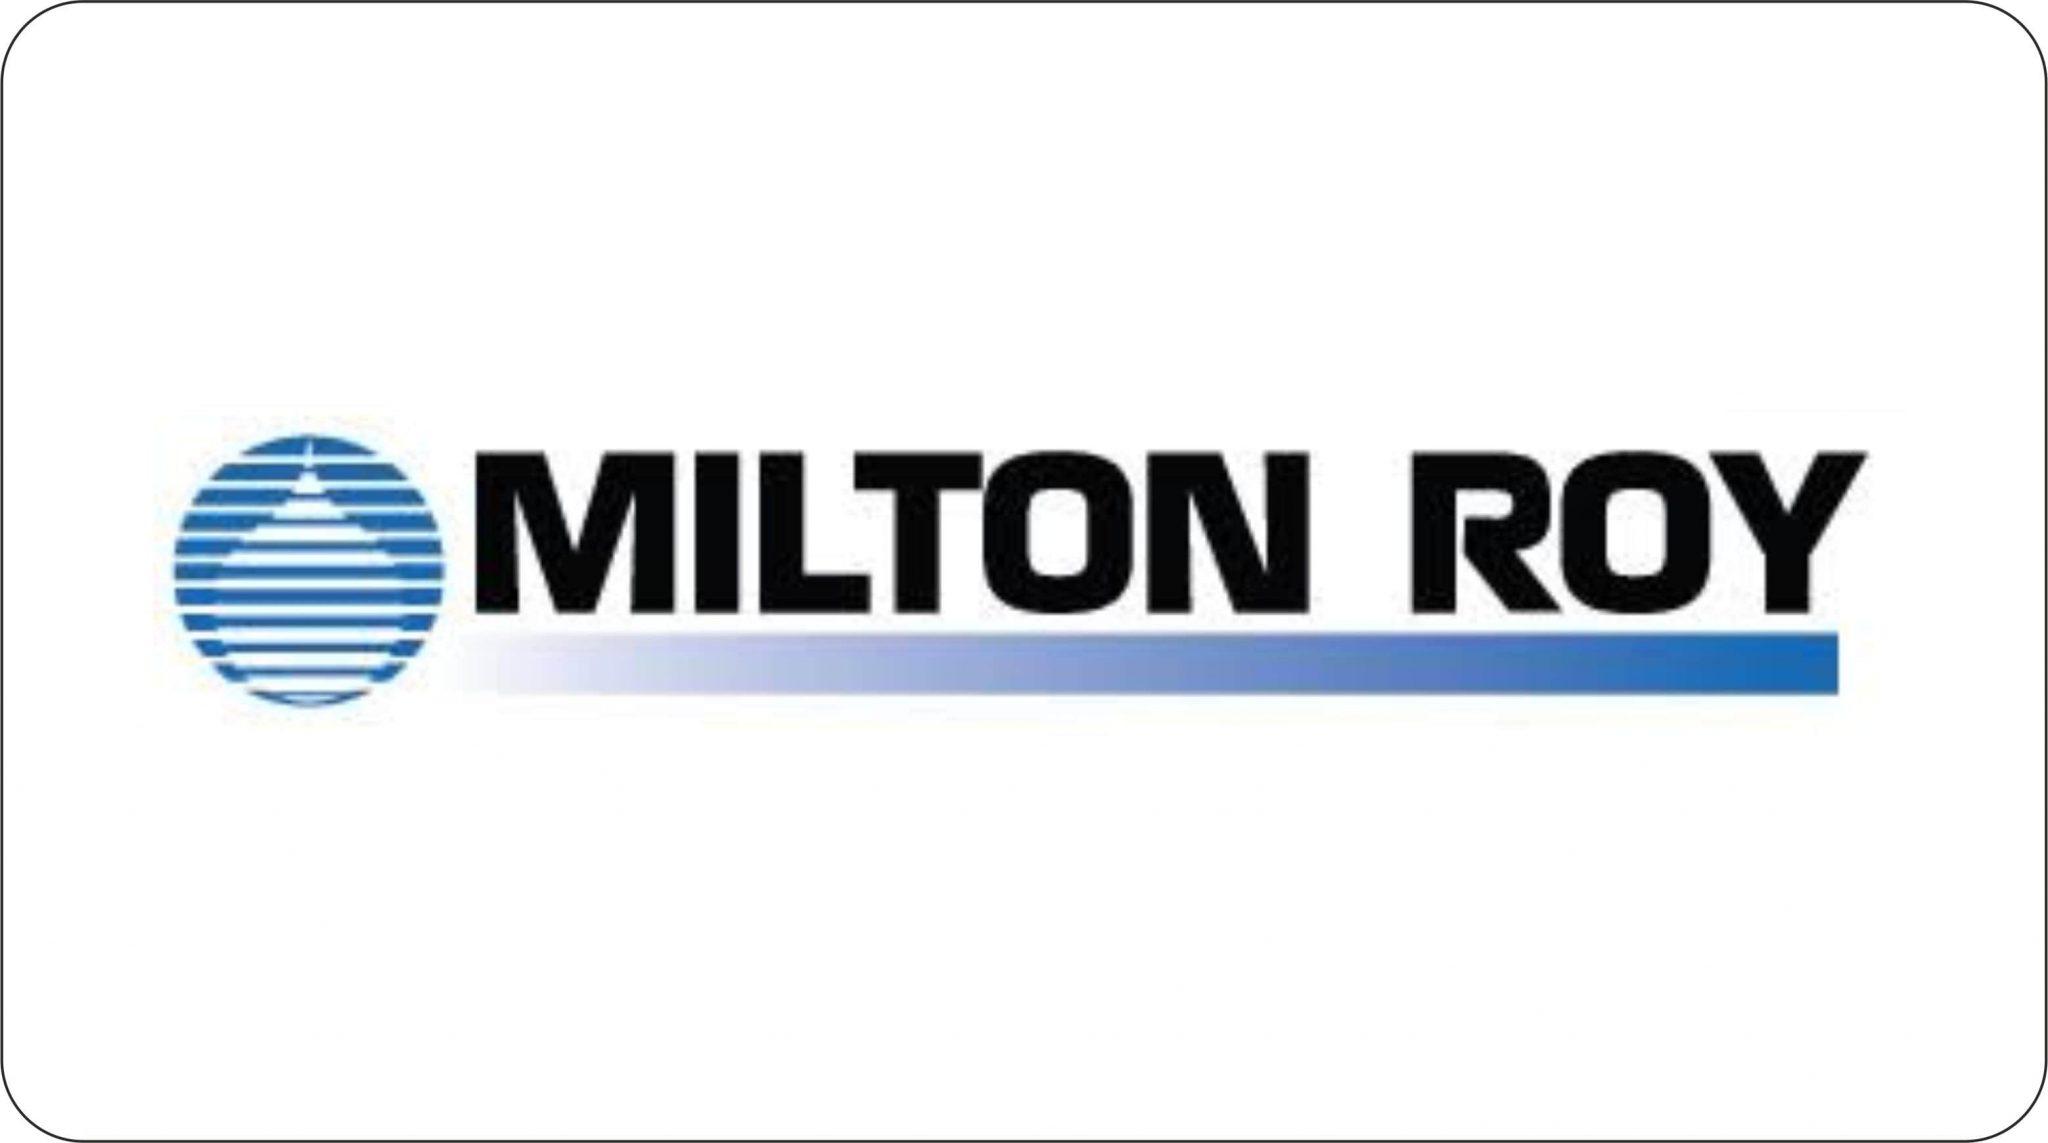 MILTON ROY-min